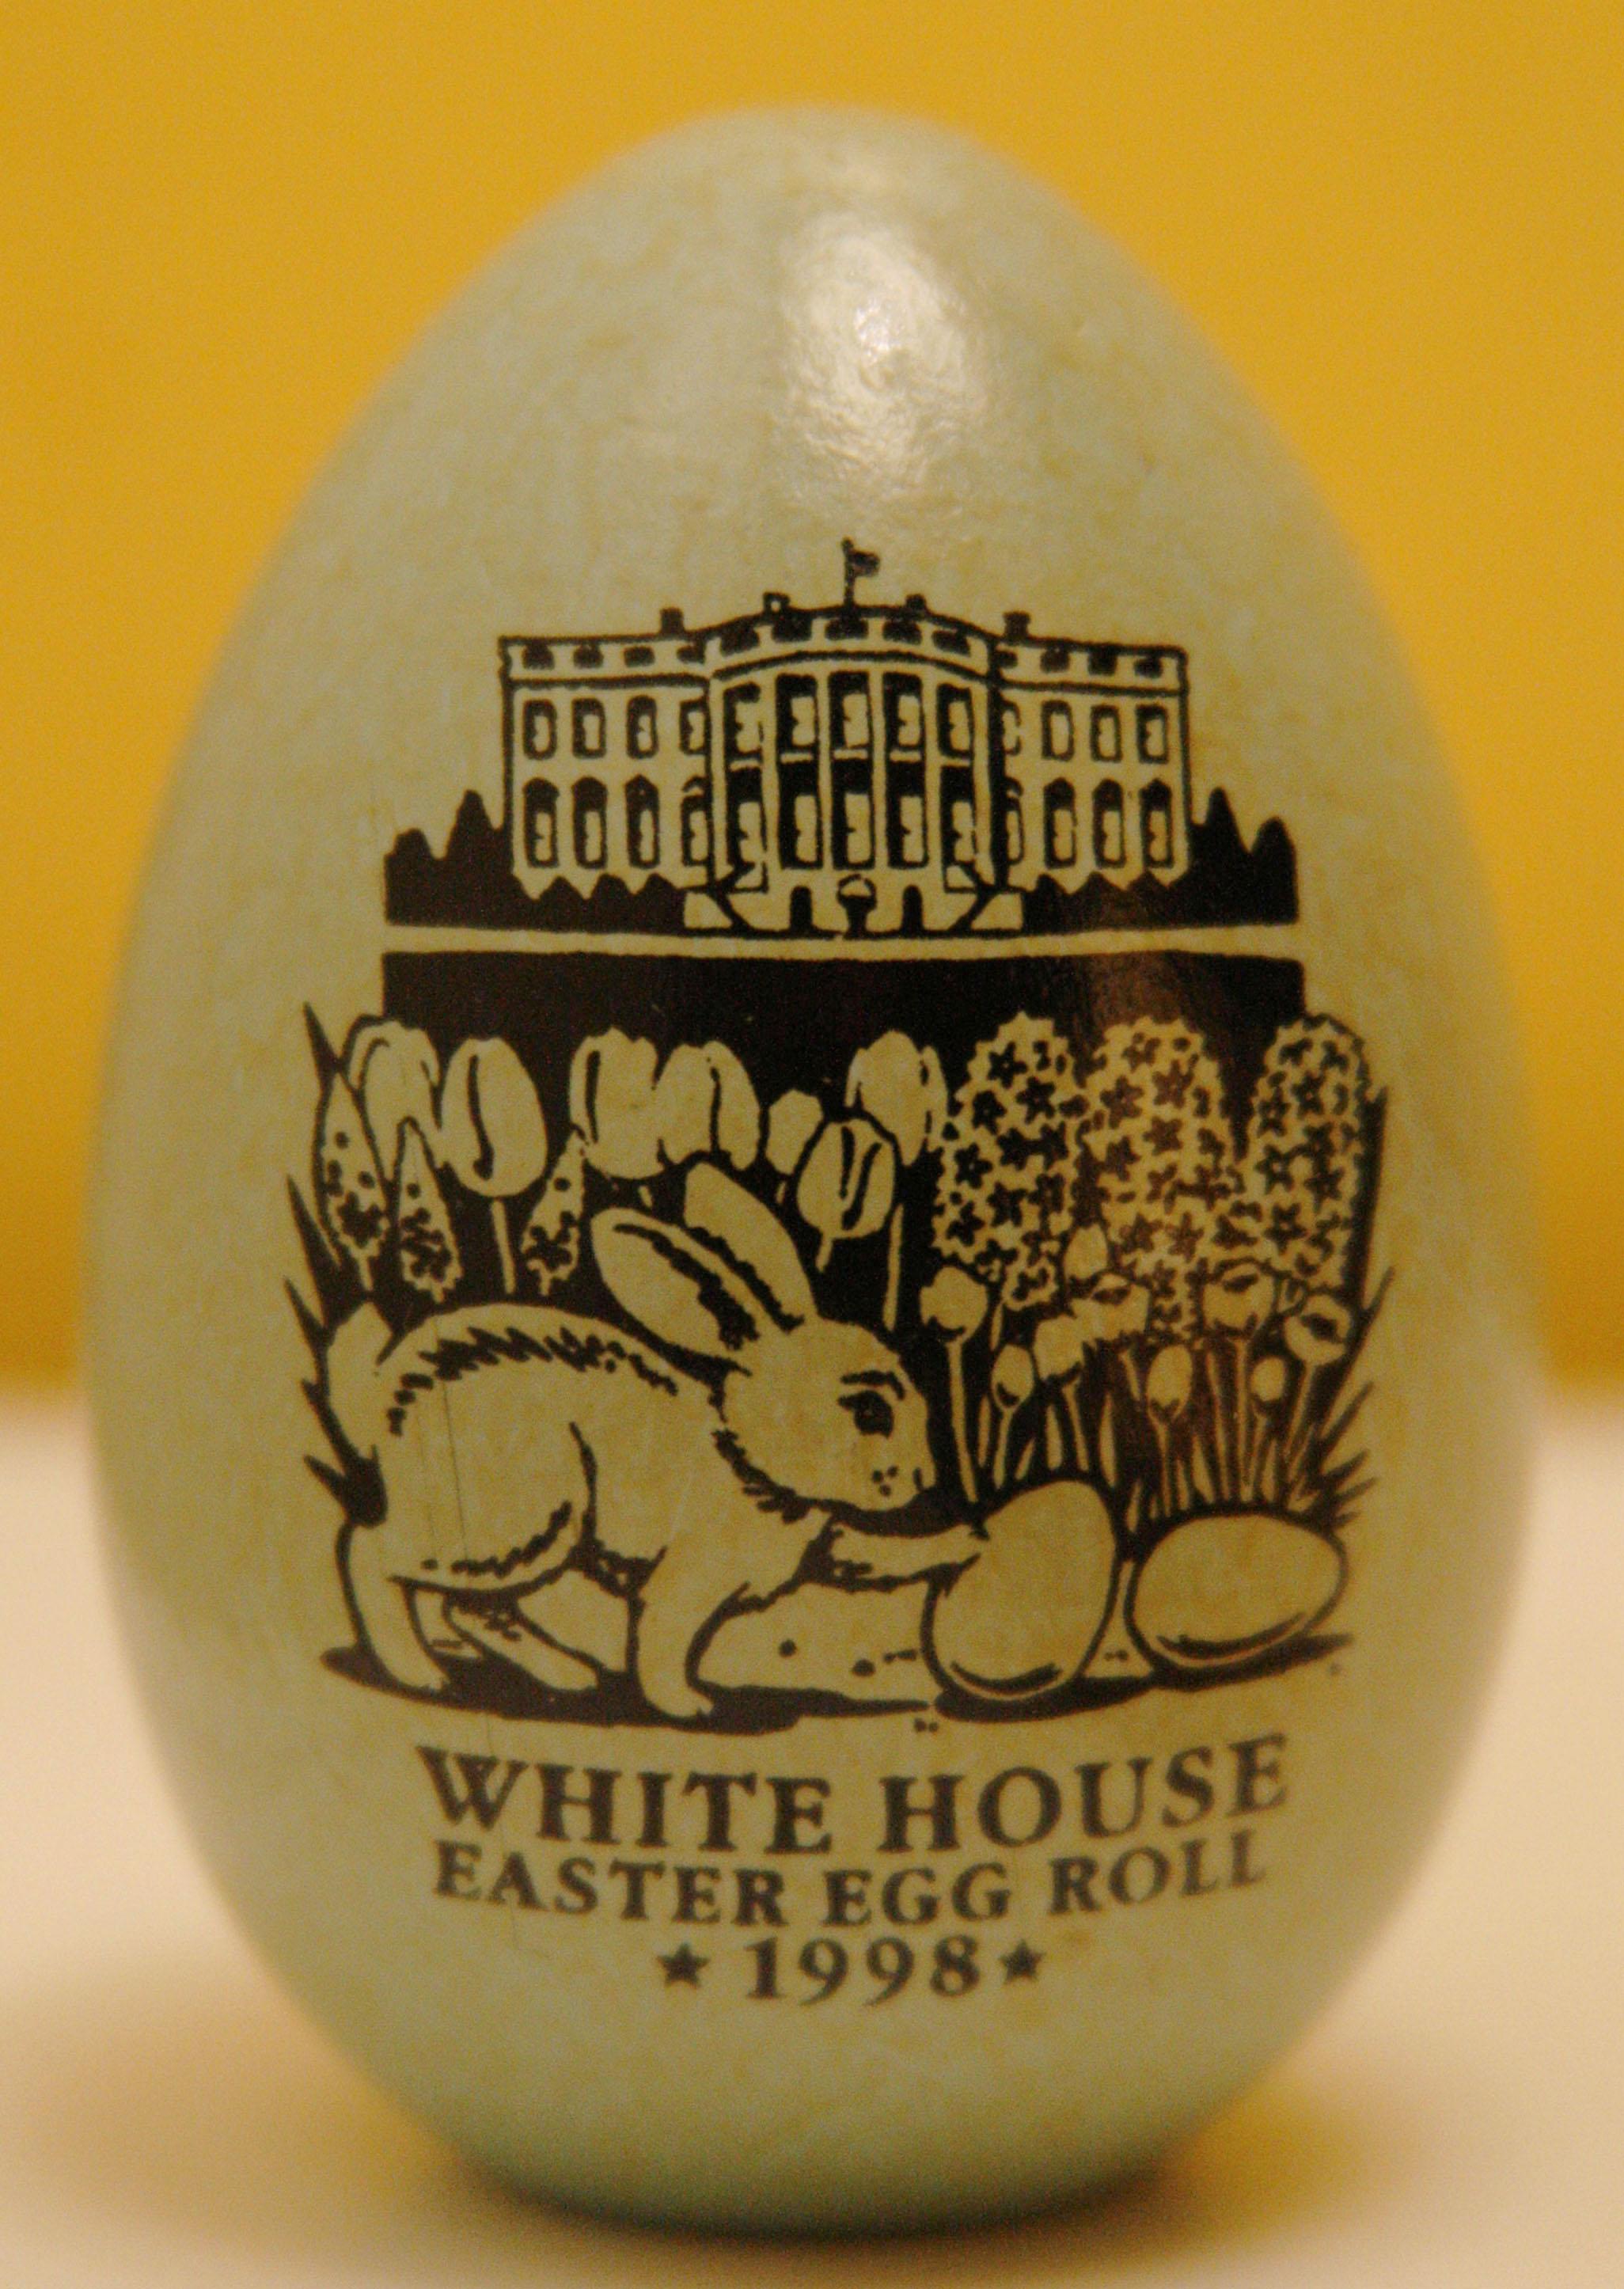 Filewhite House Easter Egg Rolljpg Wikimedia Commons